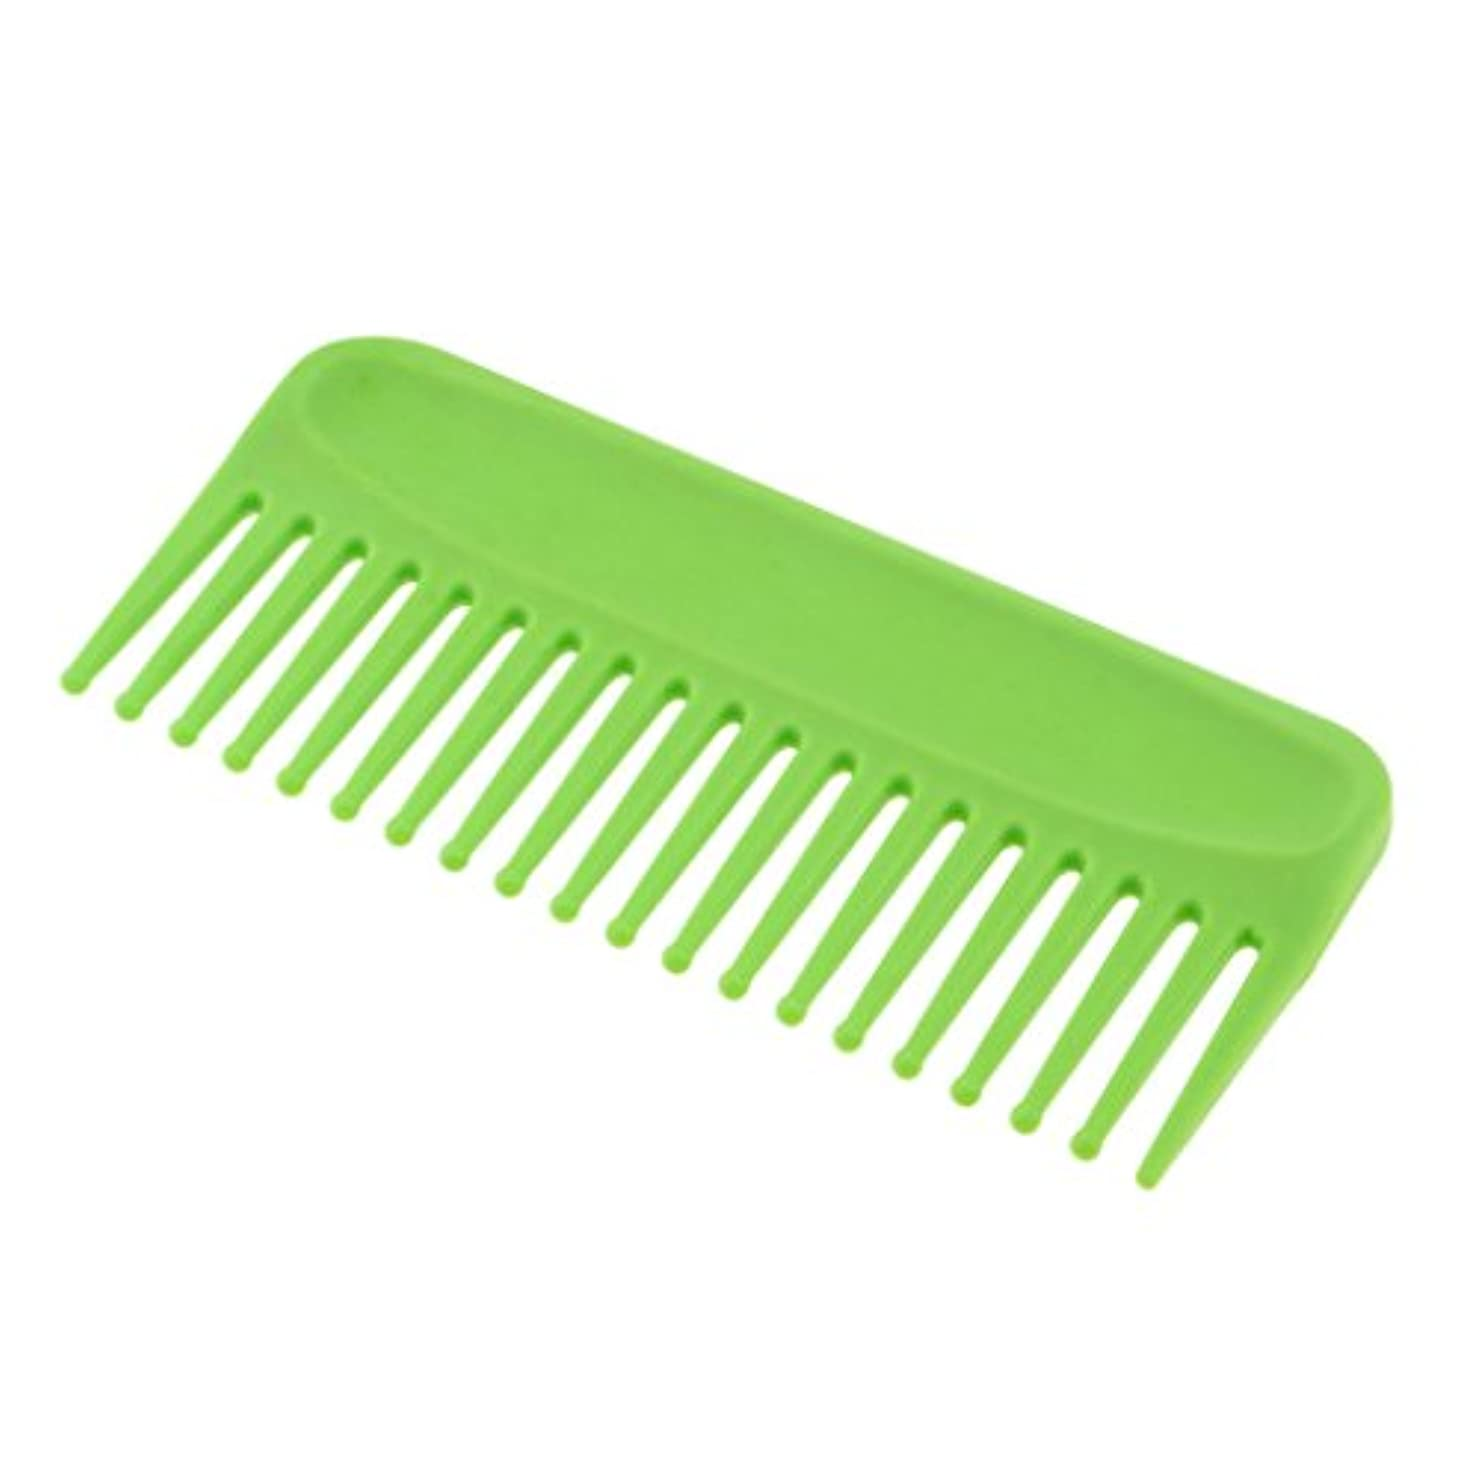 親密な補体六ヘアコーム コーム くし 頭皮 マッサージ 耐熱性 帯電防止 プラスチック性 ヘアスタイリング 4色選べる - 緑